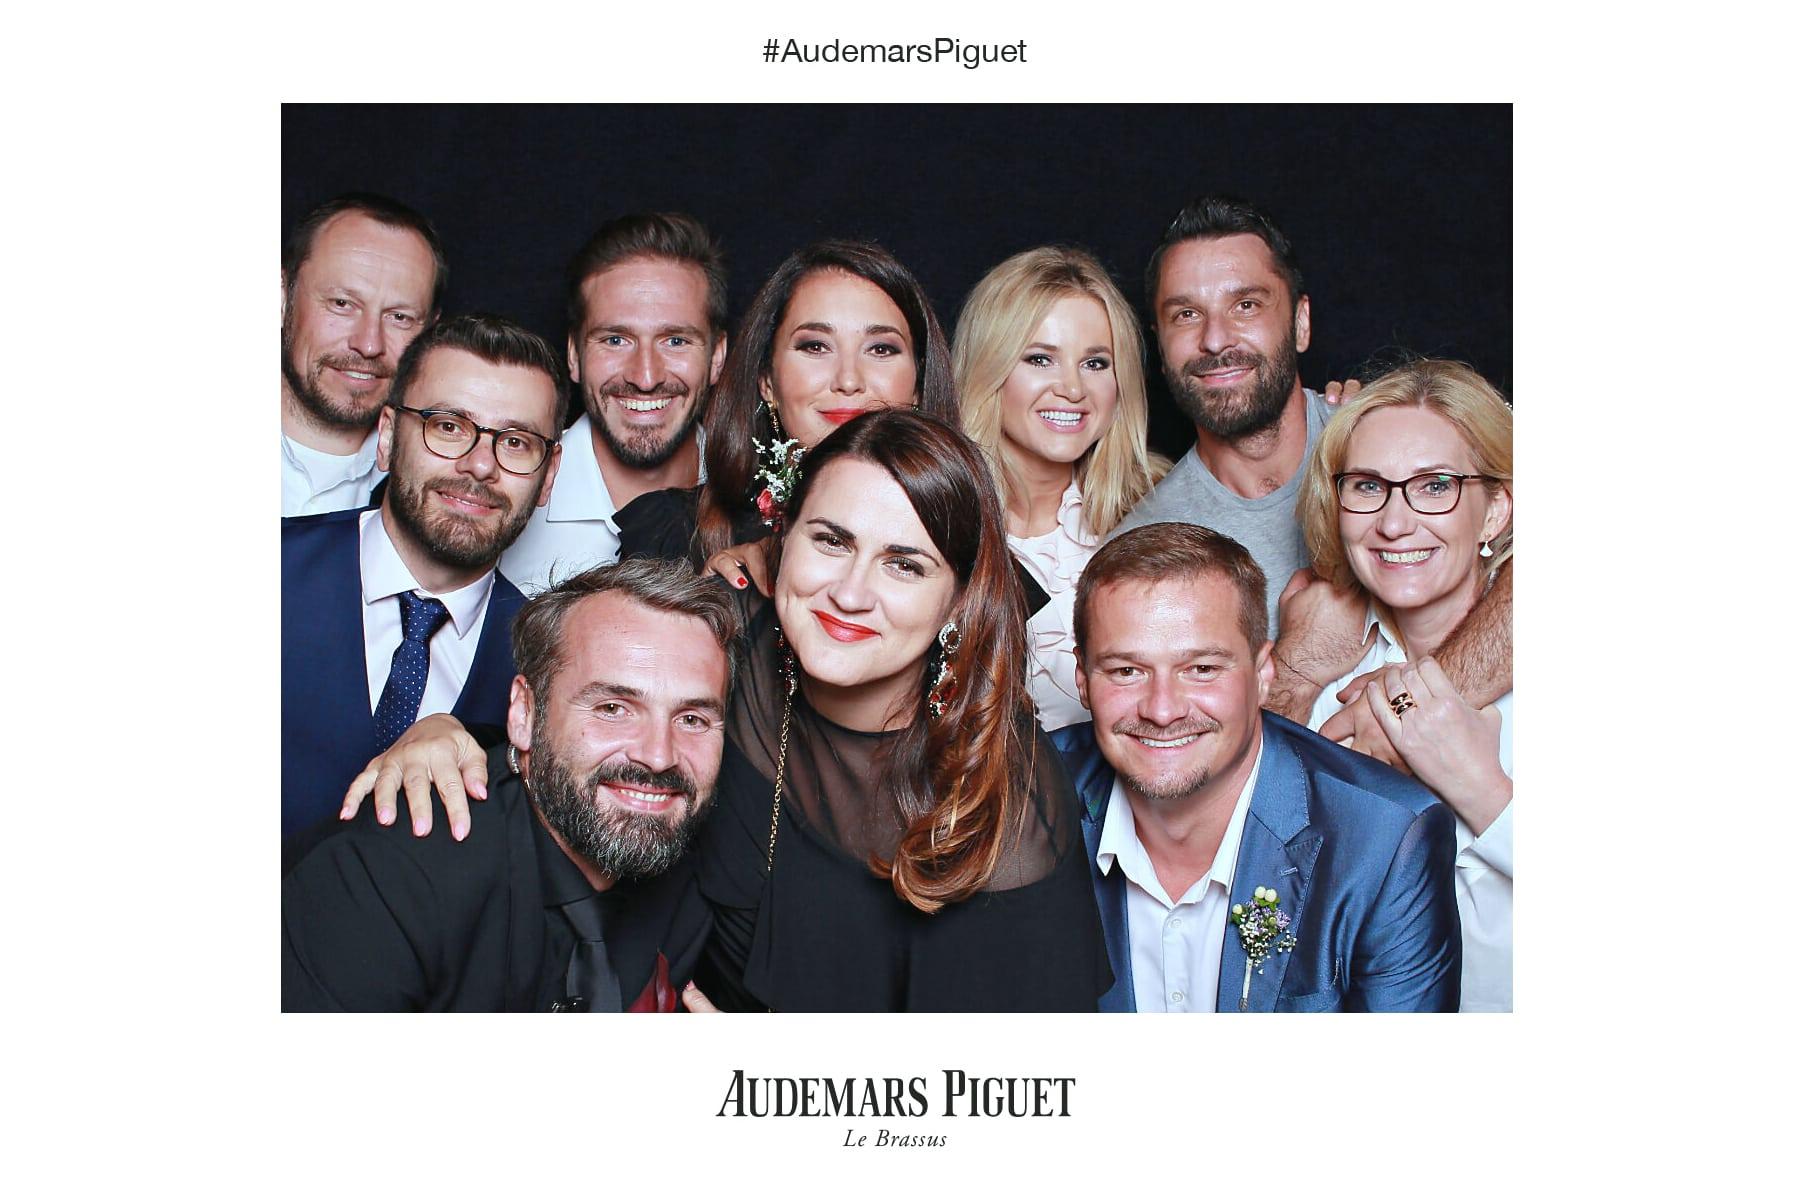 fotokoutek-audemars-piguet-21-6-2018-442959